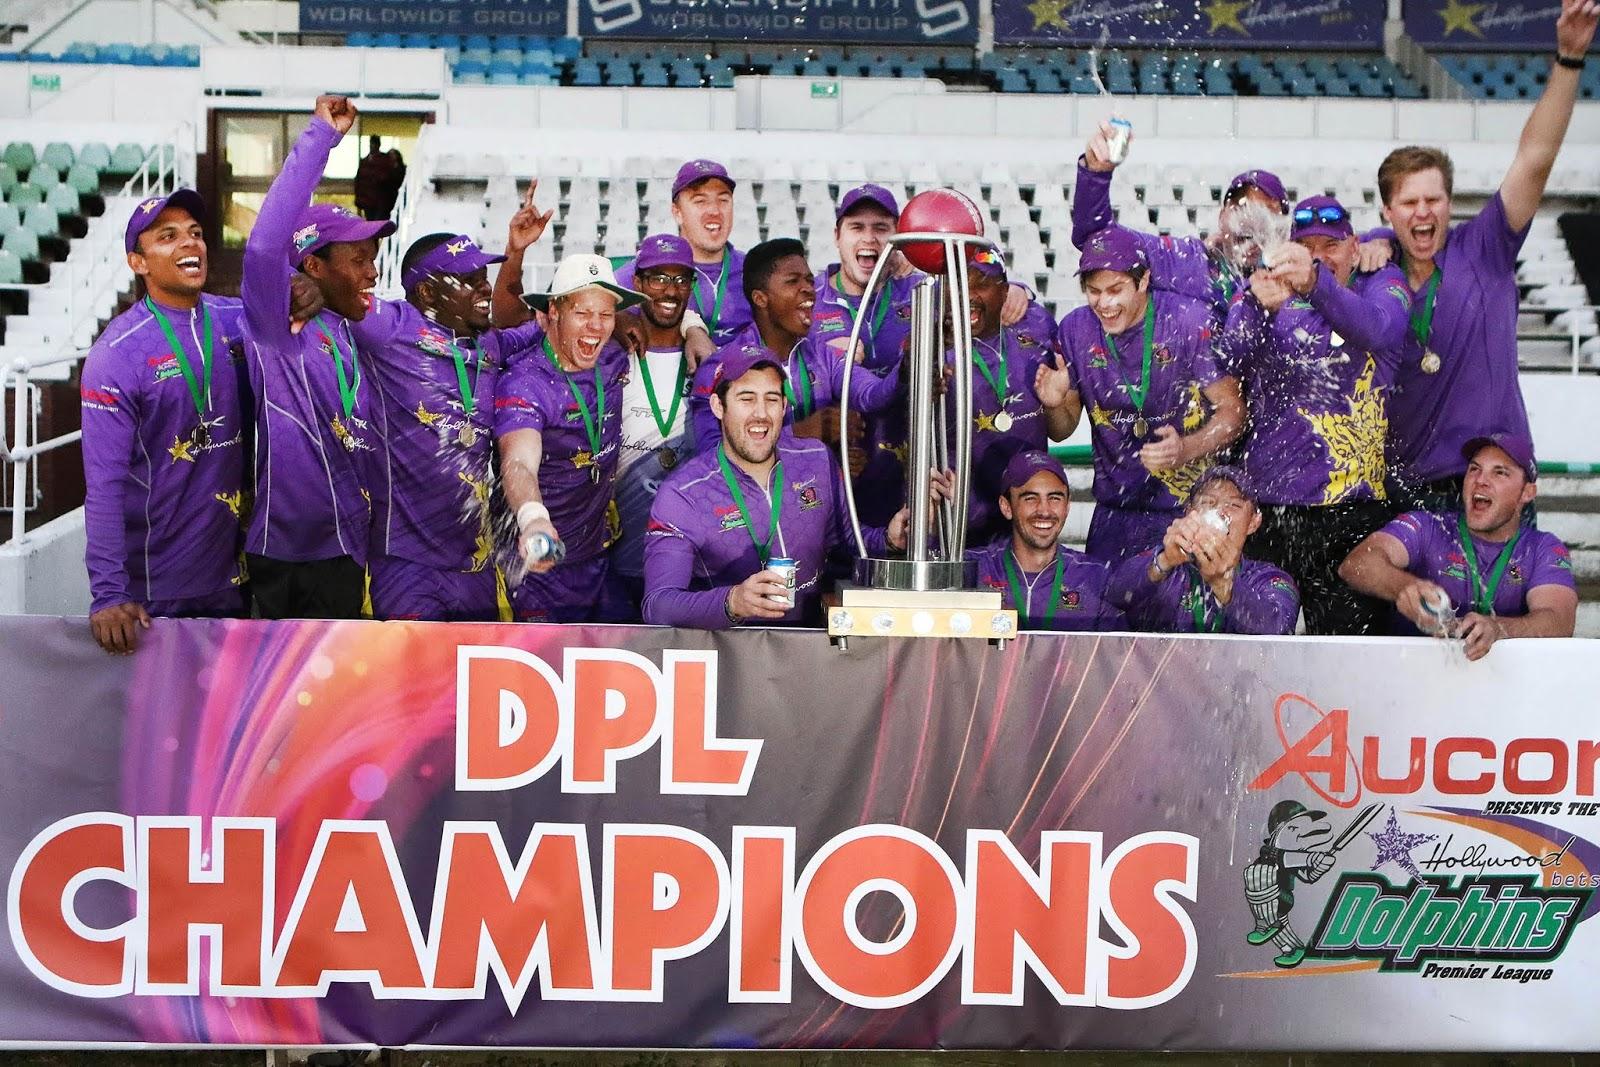 Pietermaritzburg Spurs crowned Dolphins Premier League champions - Sports Leo